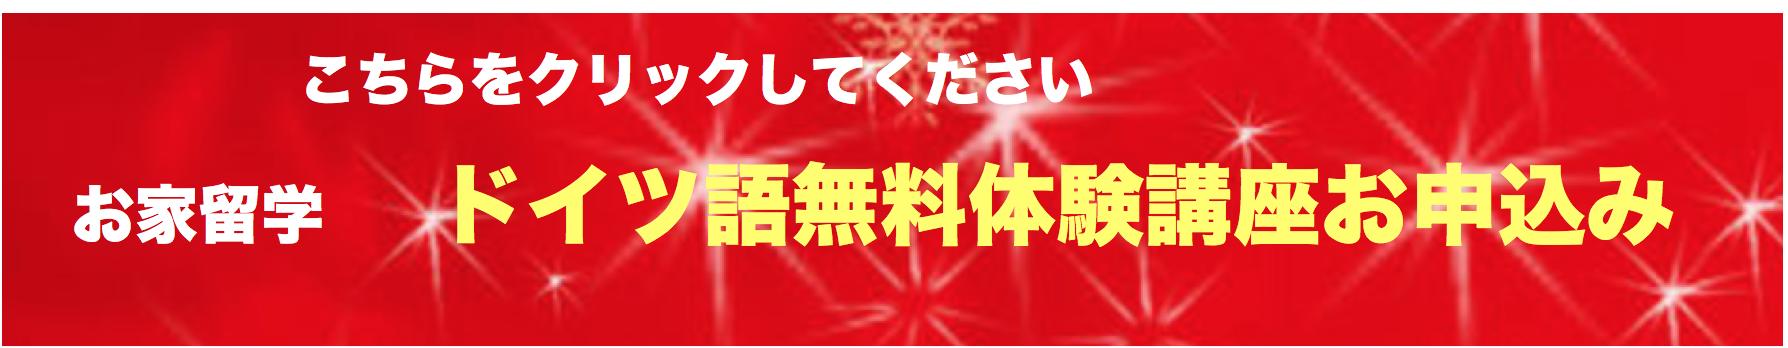 スクリーンショット 2016-01-18 20.54.59